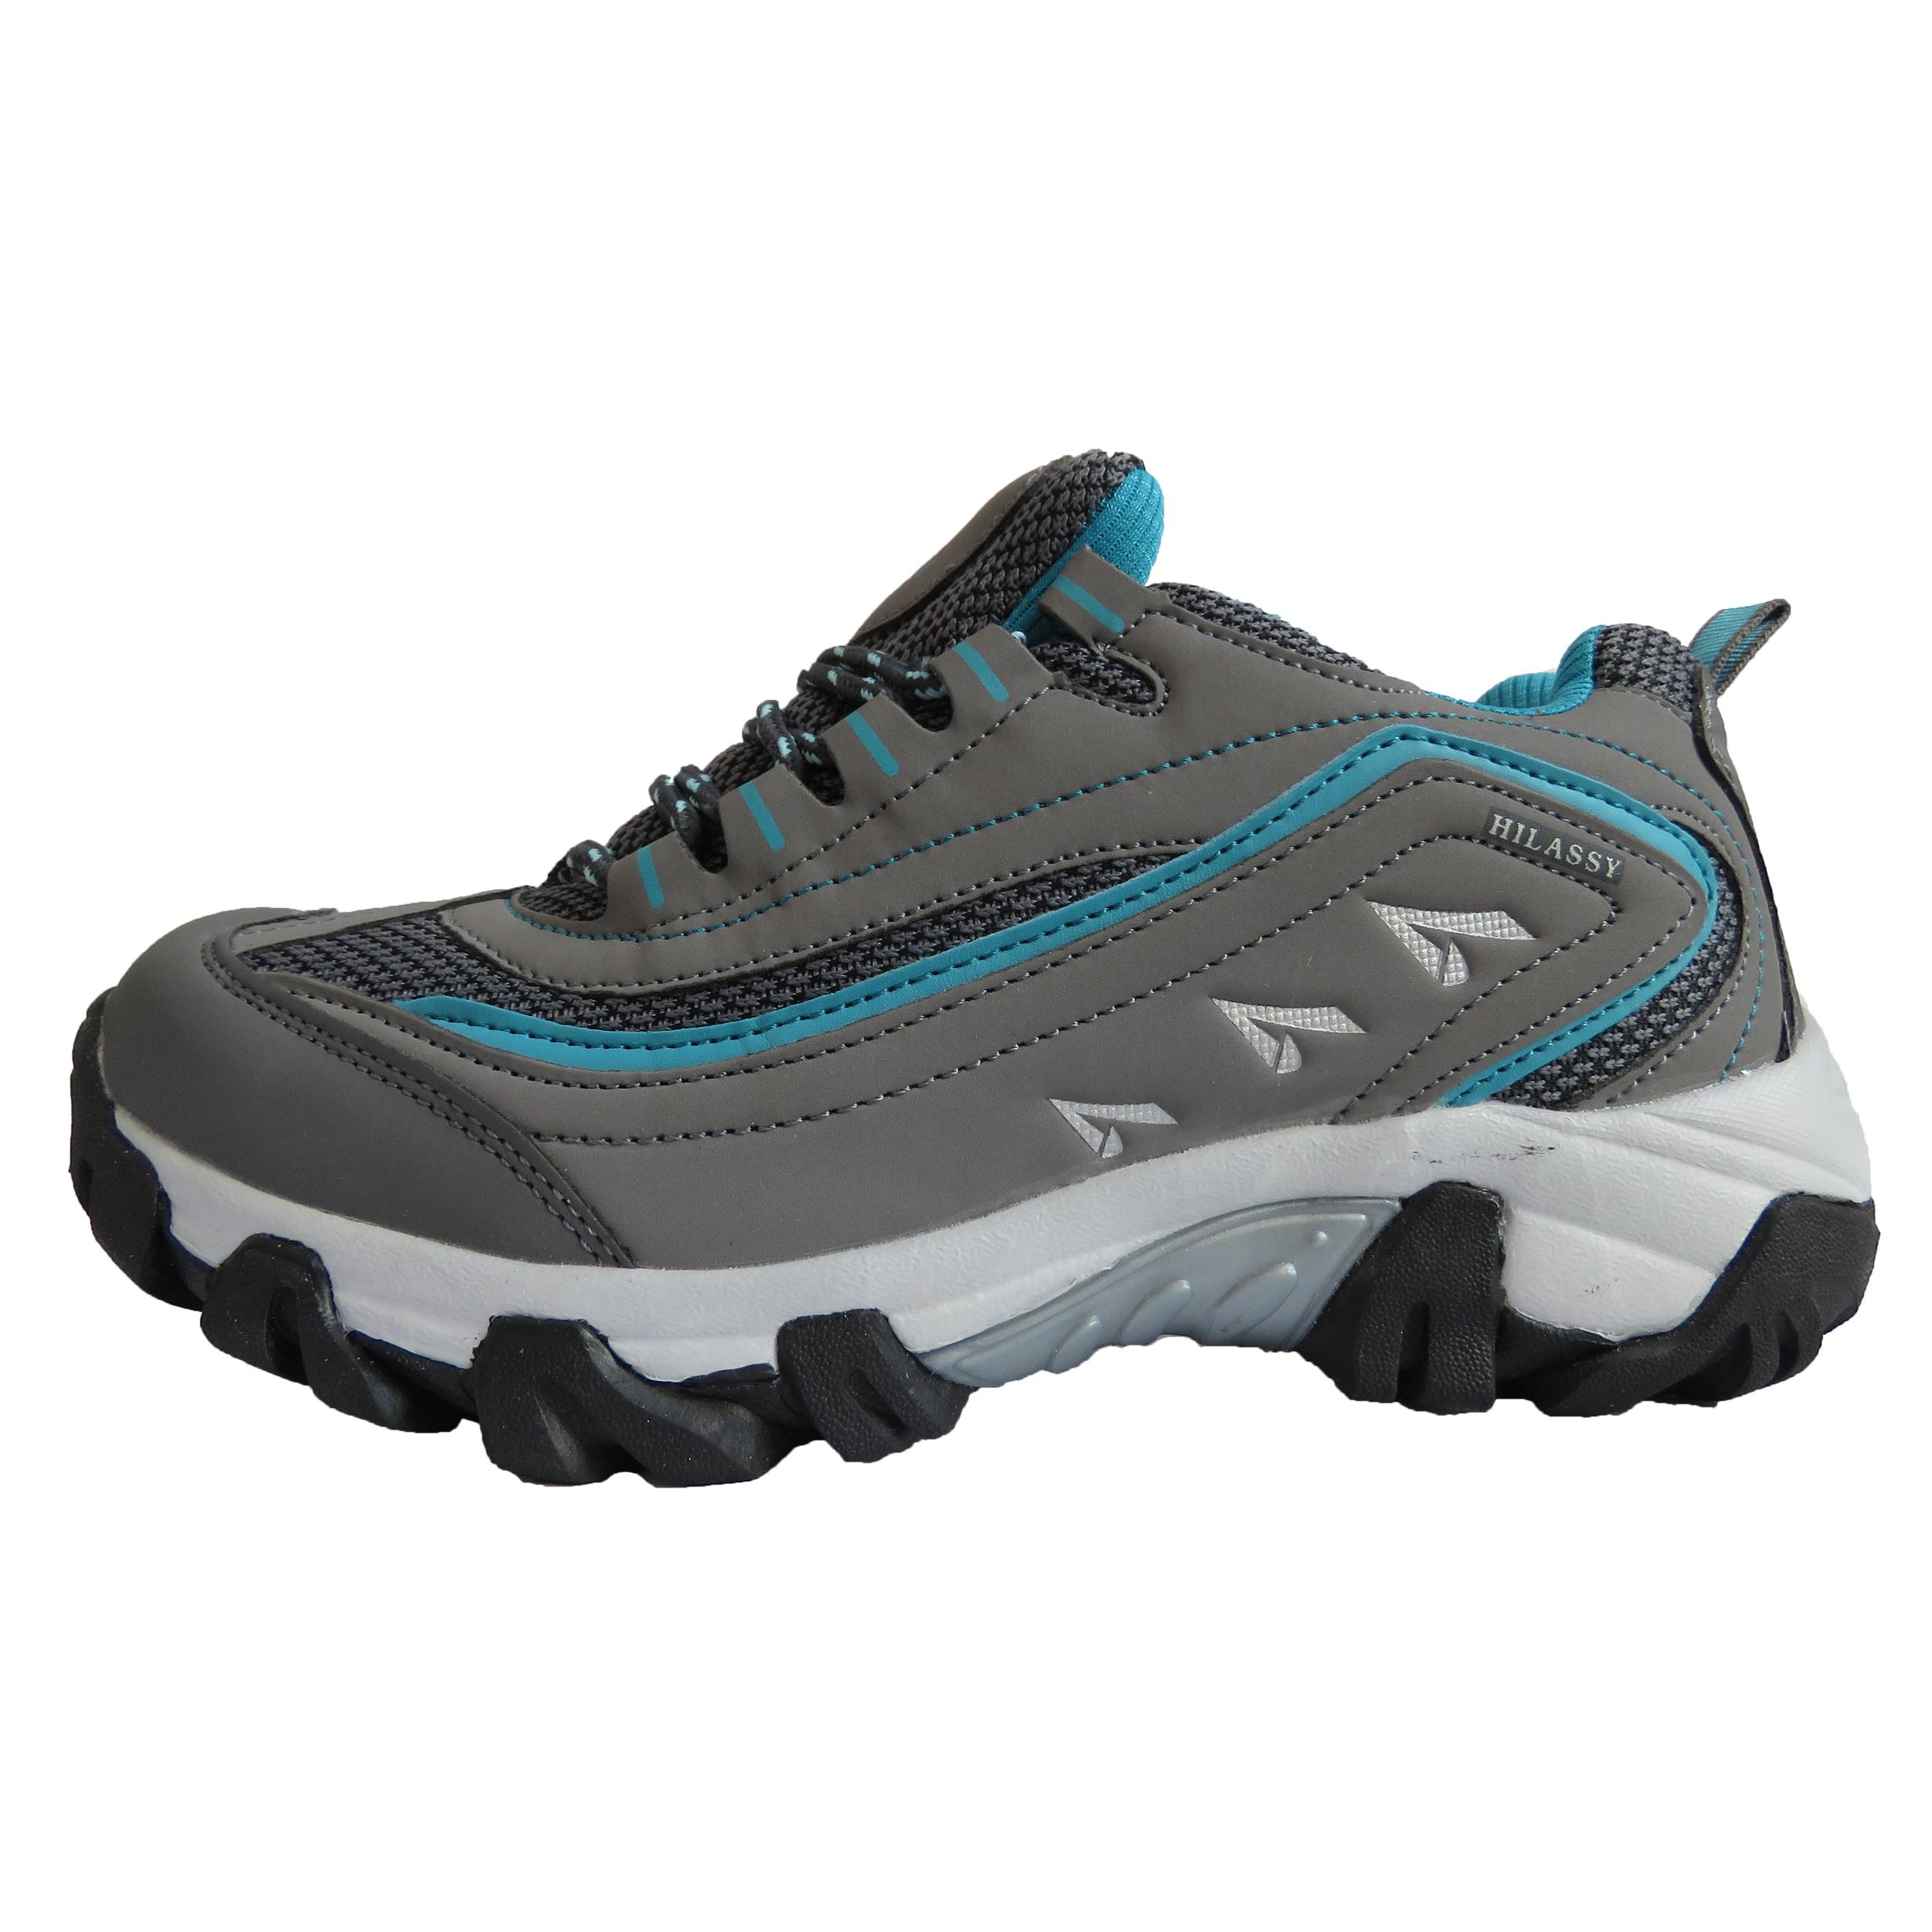 کفش مخصوص پیاده روی زنانه هیلاسی مدل اف کا